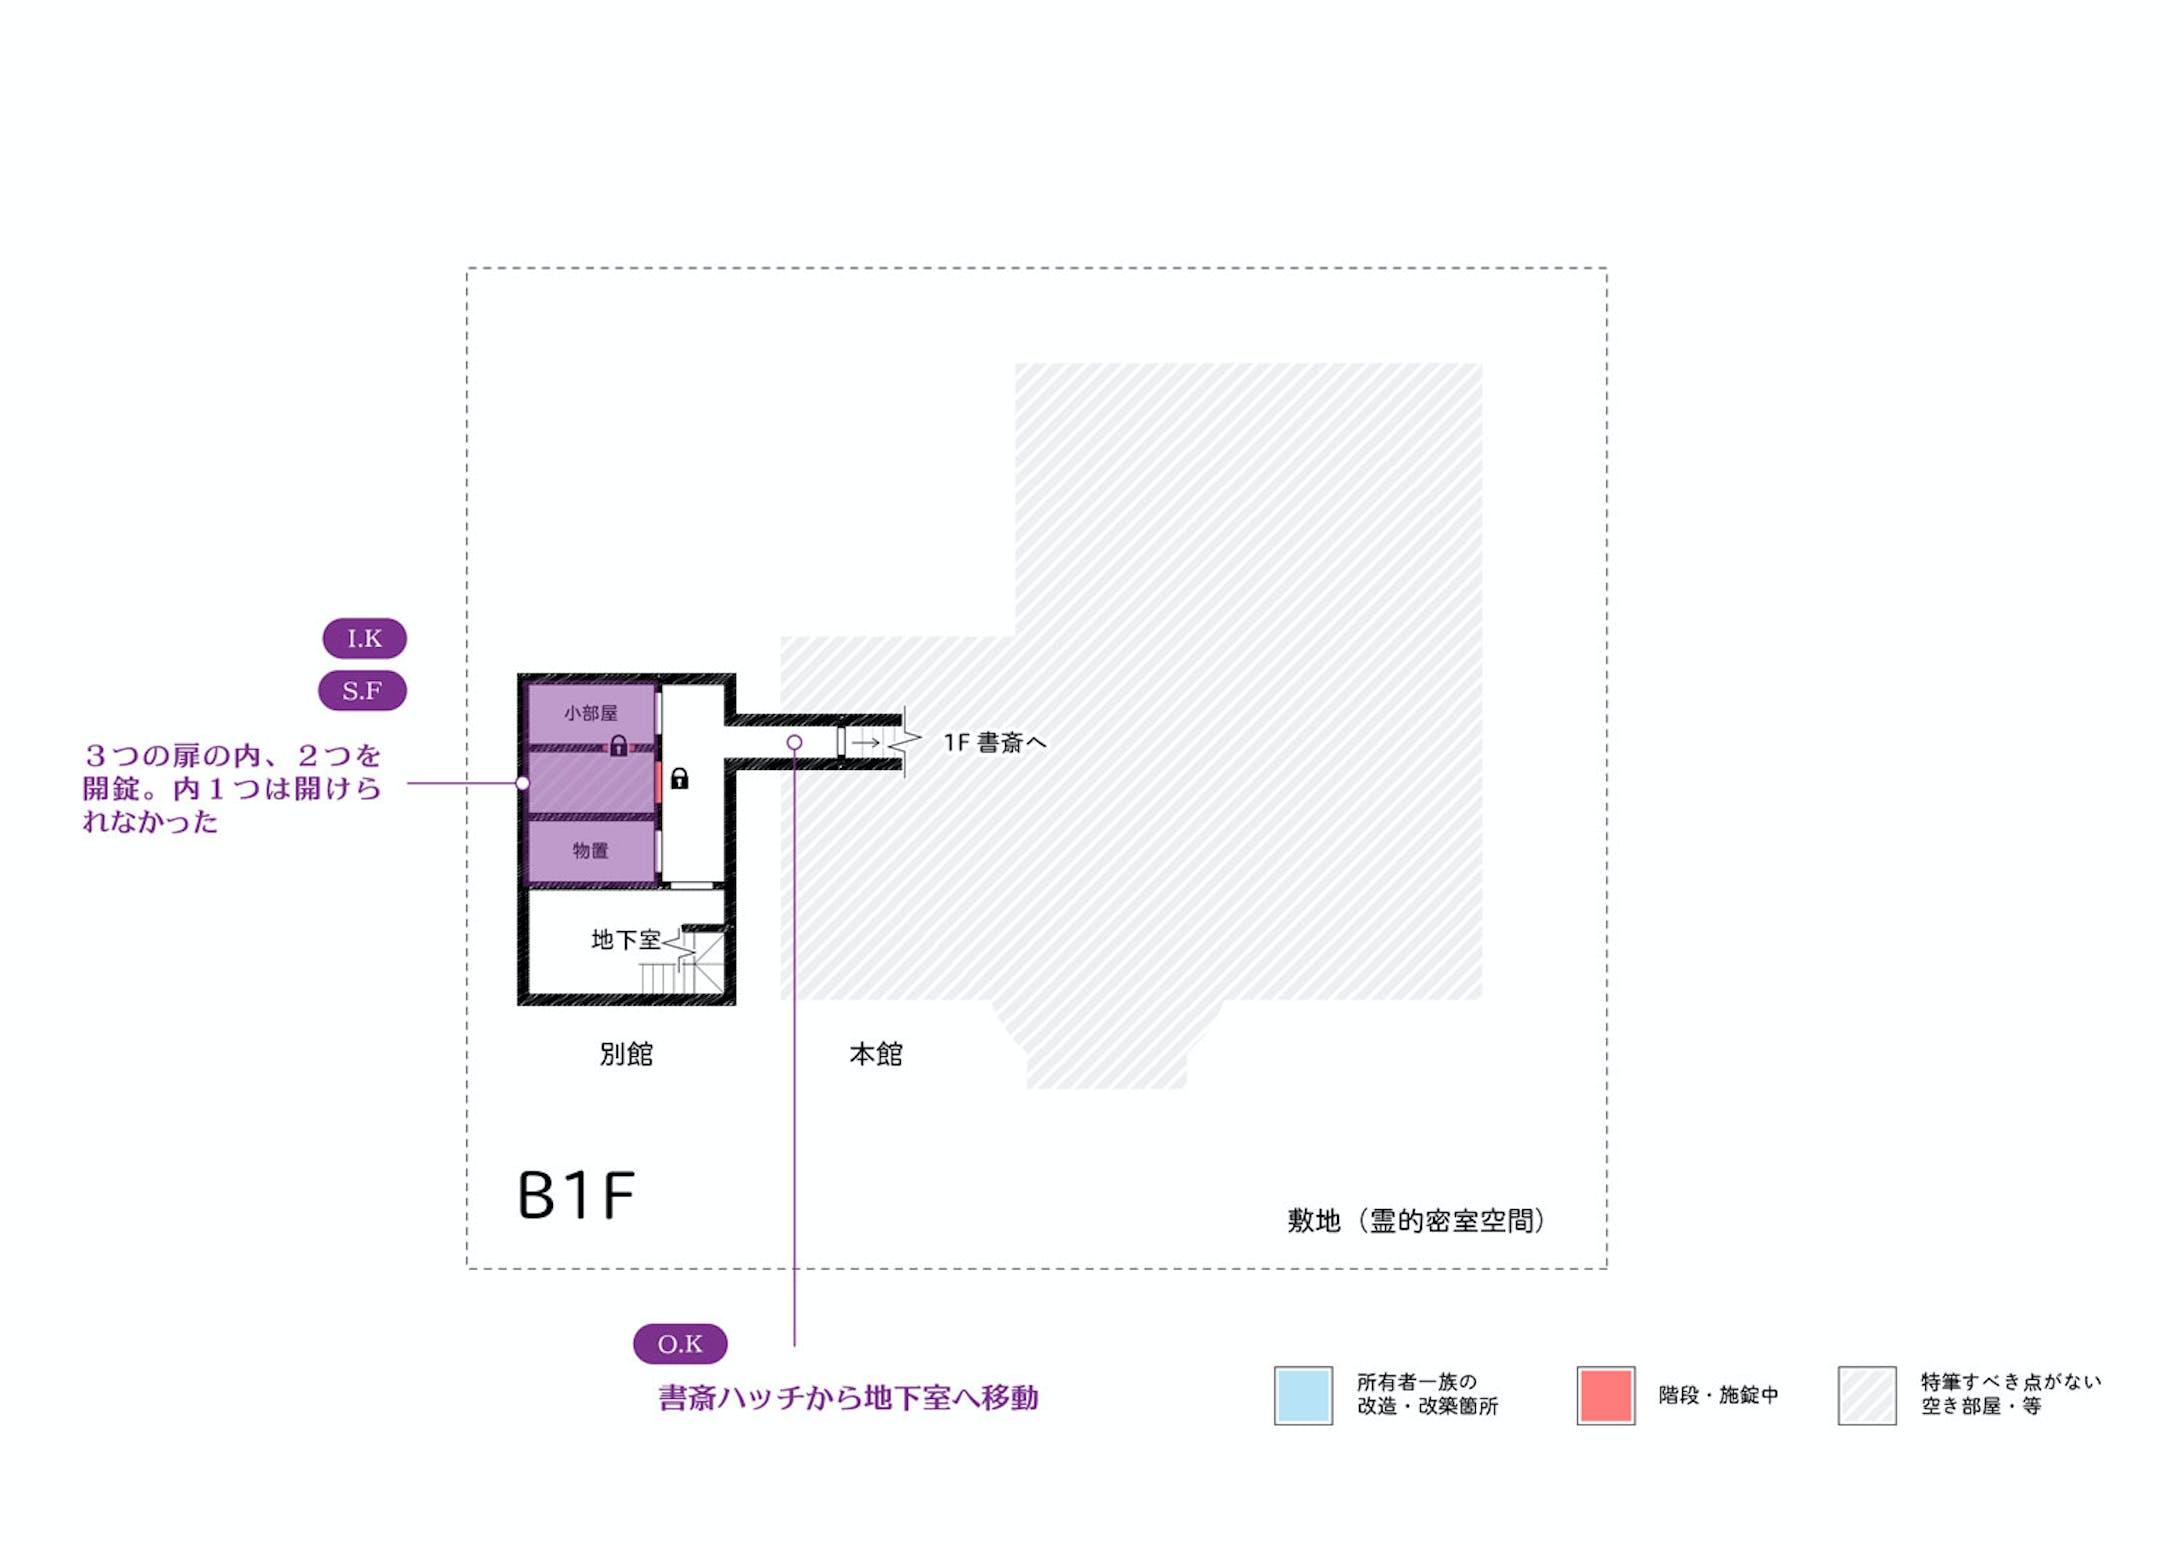 マップ・間取り図-9